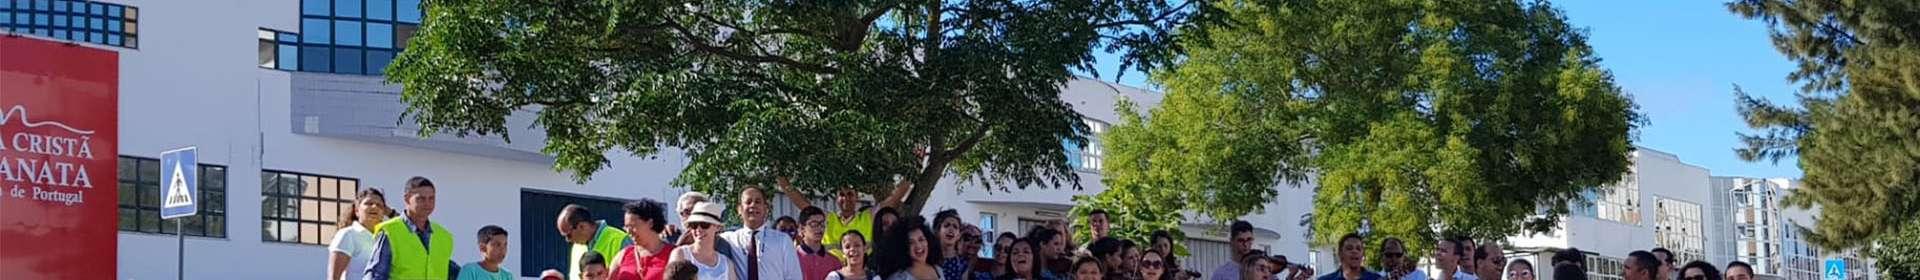 Igrejas Cristã Maranata de Portugal realizam evangelização